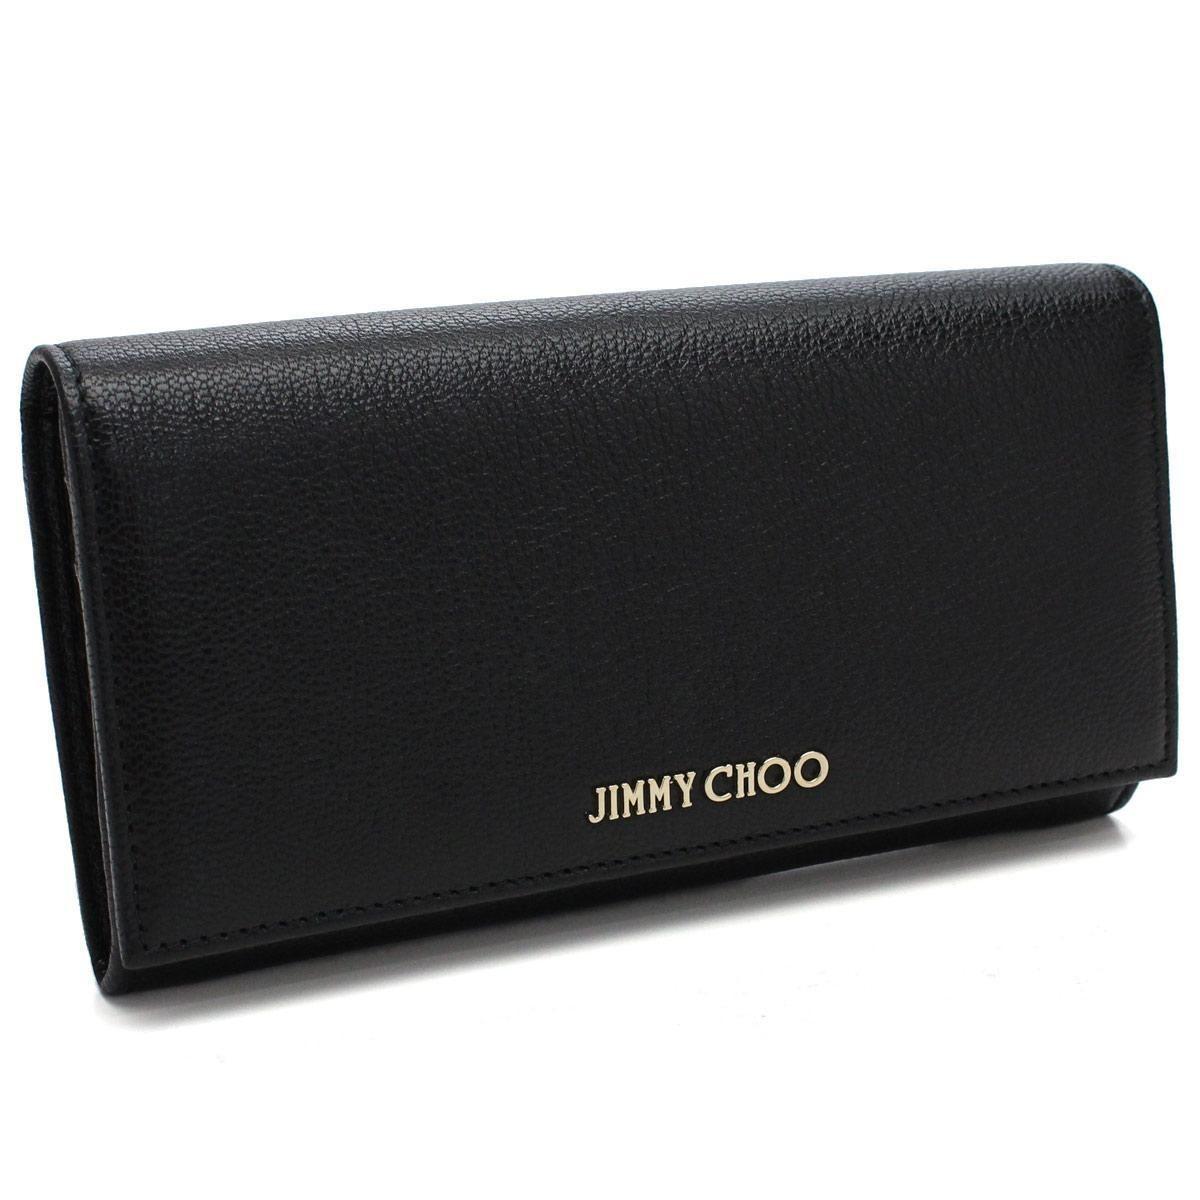 ジミーチュウ(JIMMY CHOO) 2つ折り長財布 小銭入れ付き